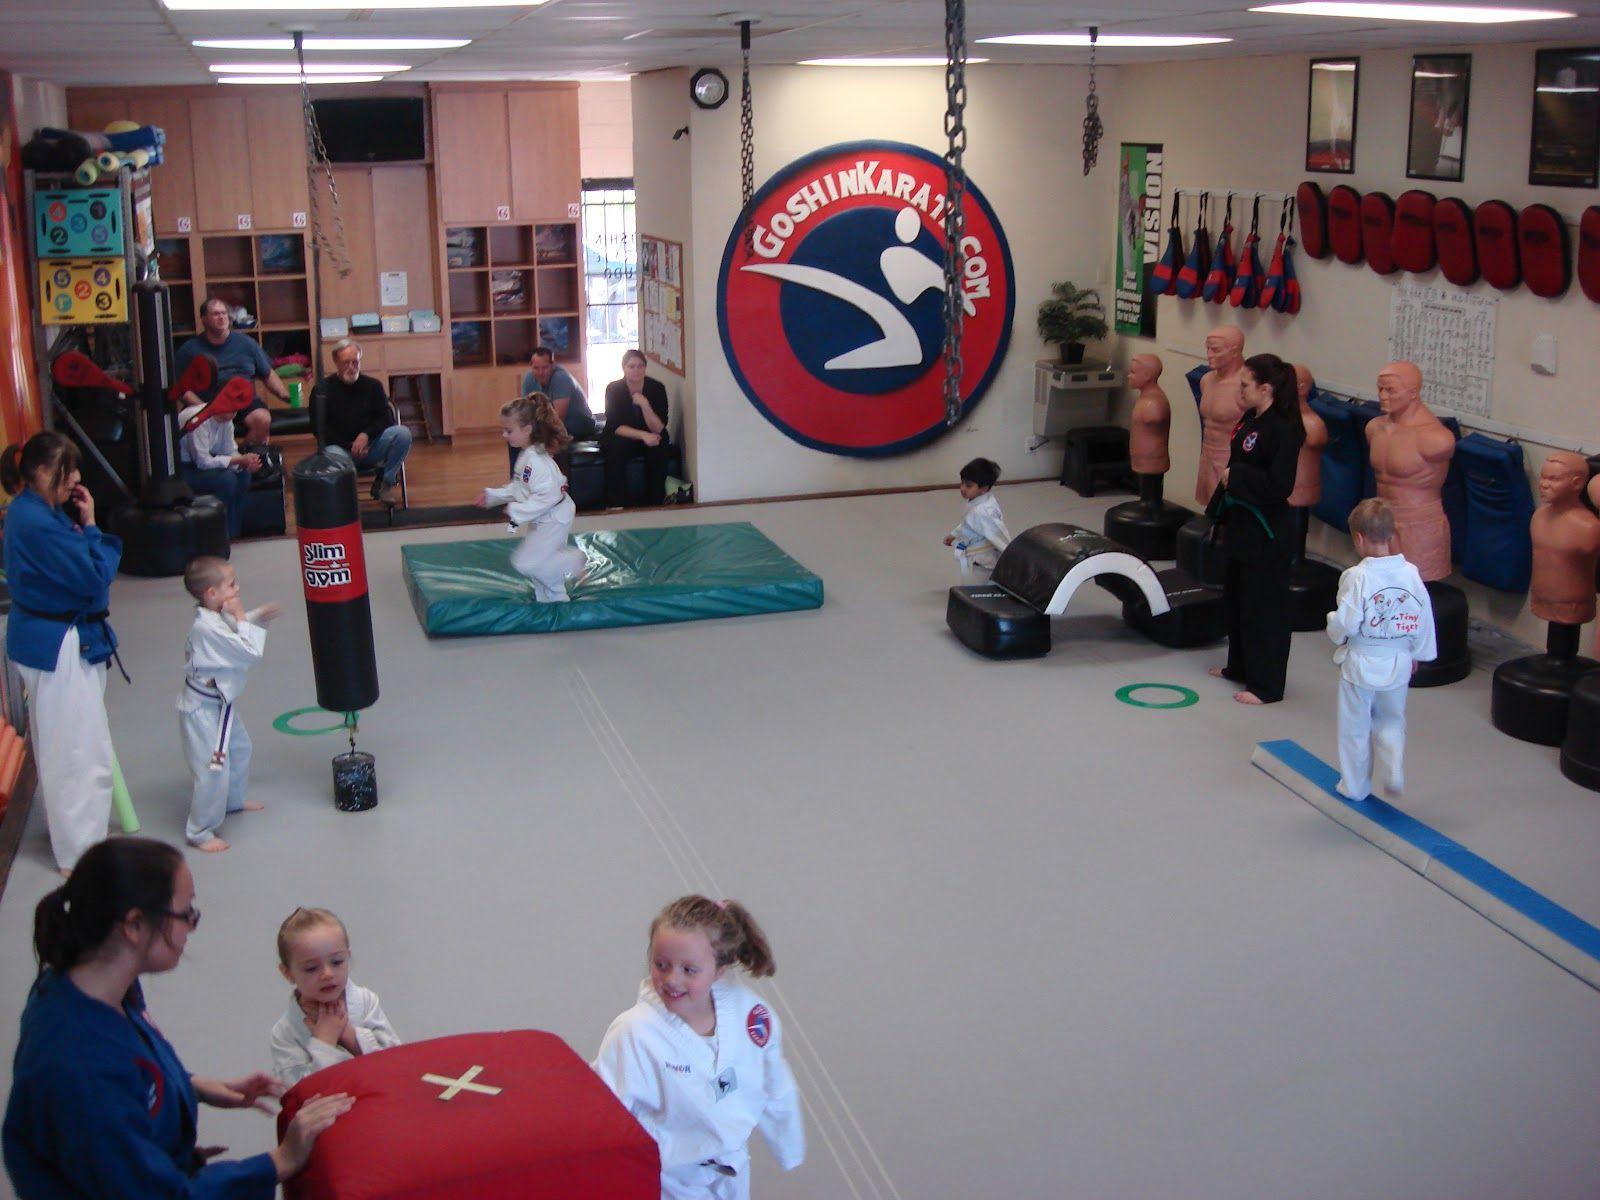 Goshin karate judo arizona